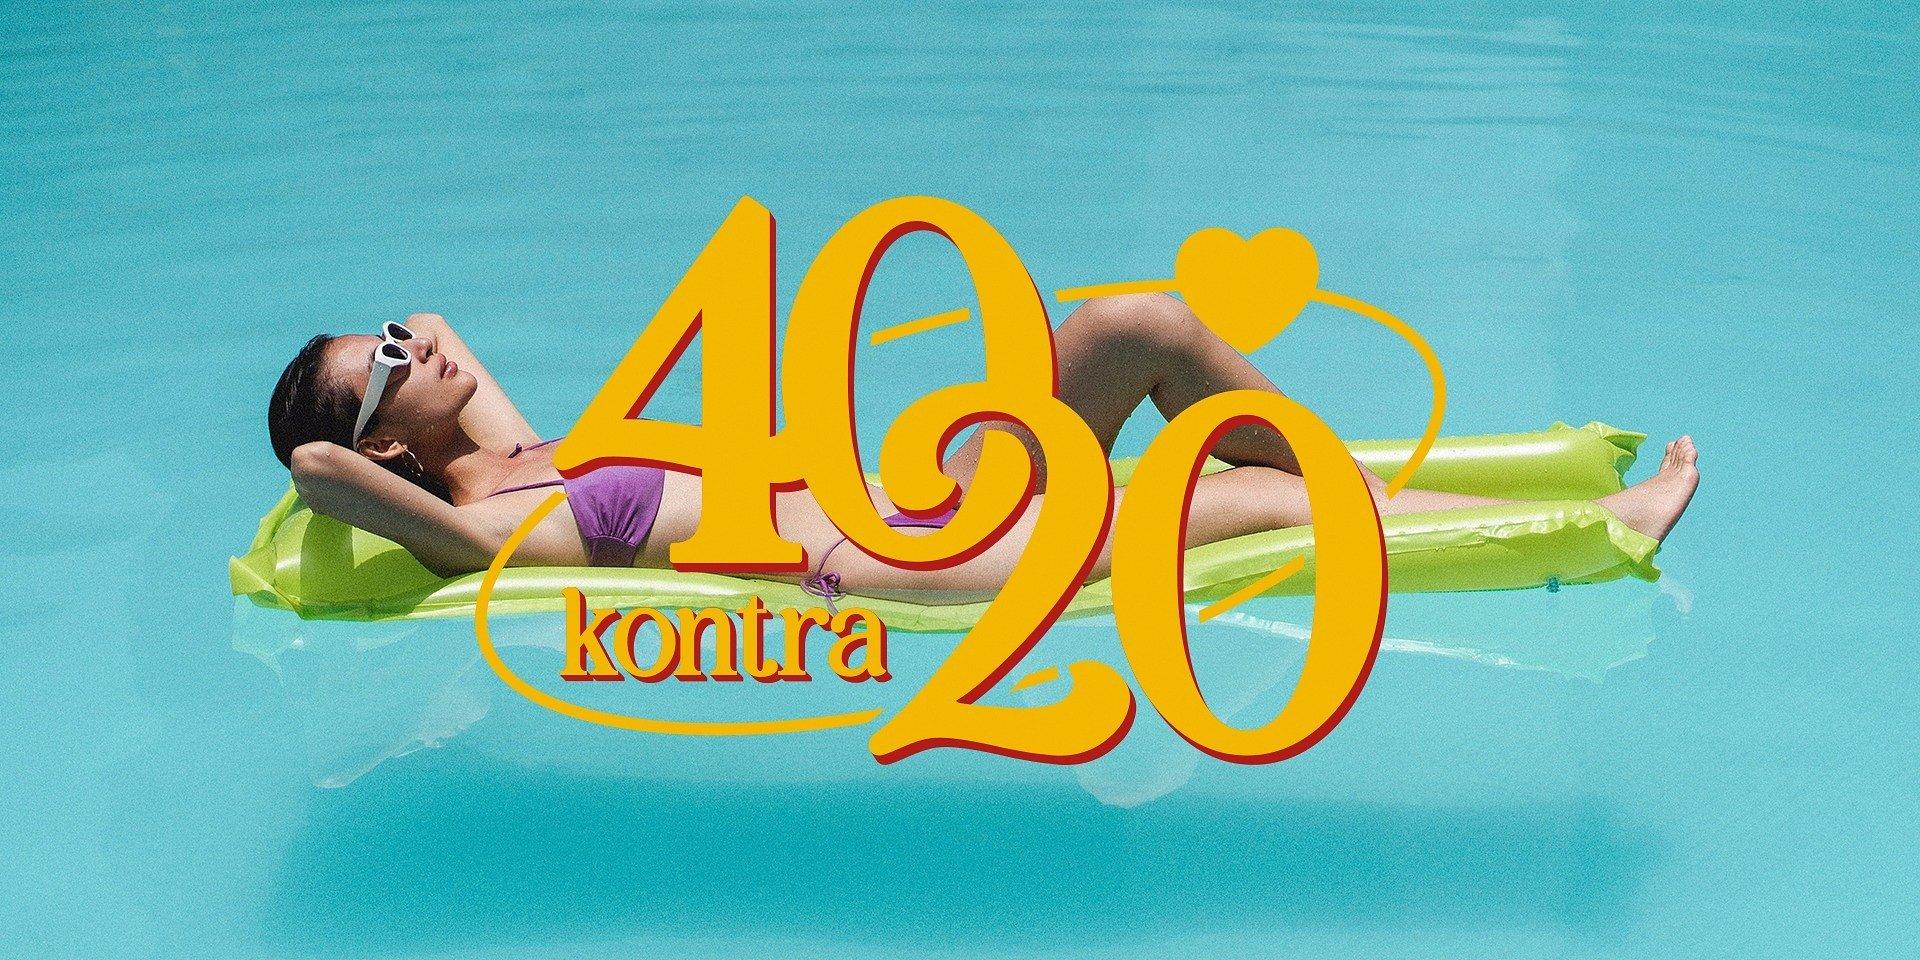 """""""40 kontra 20"""" - najgorętszy program randkowy rusza tego lata w Siódemce i na Player.pl"""